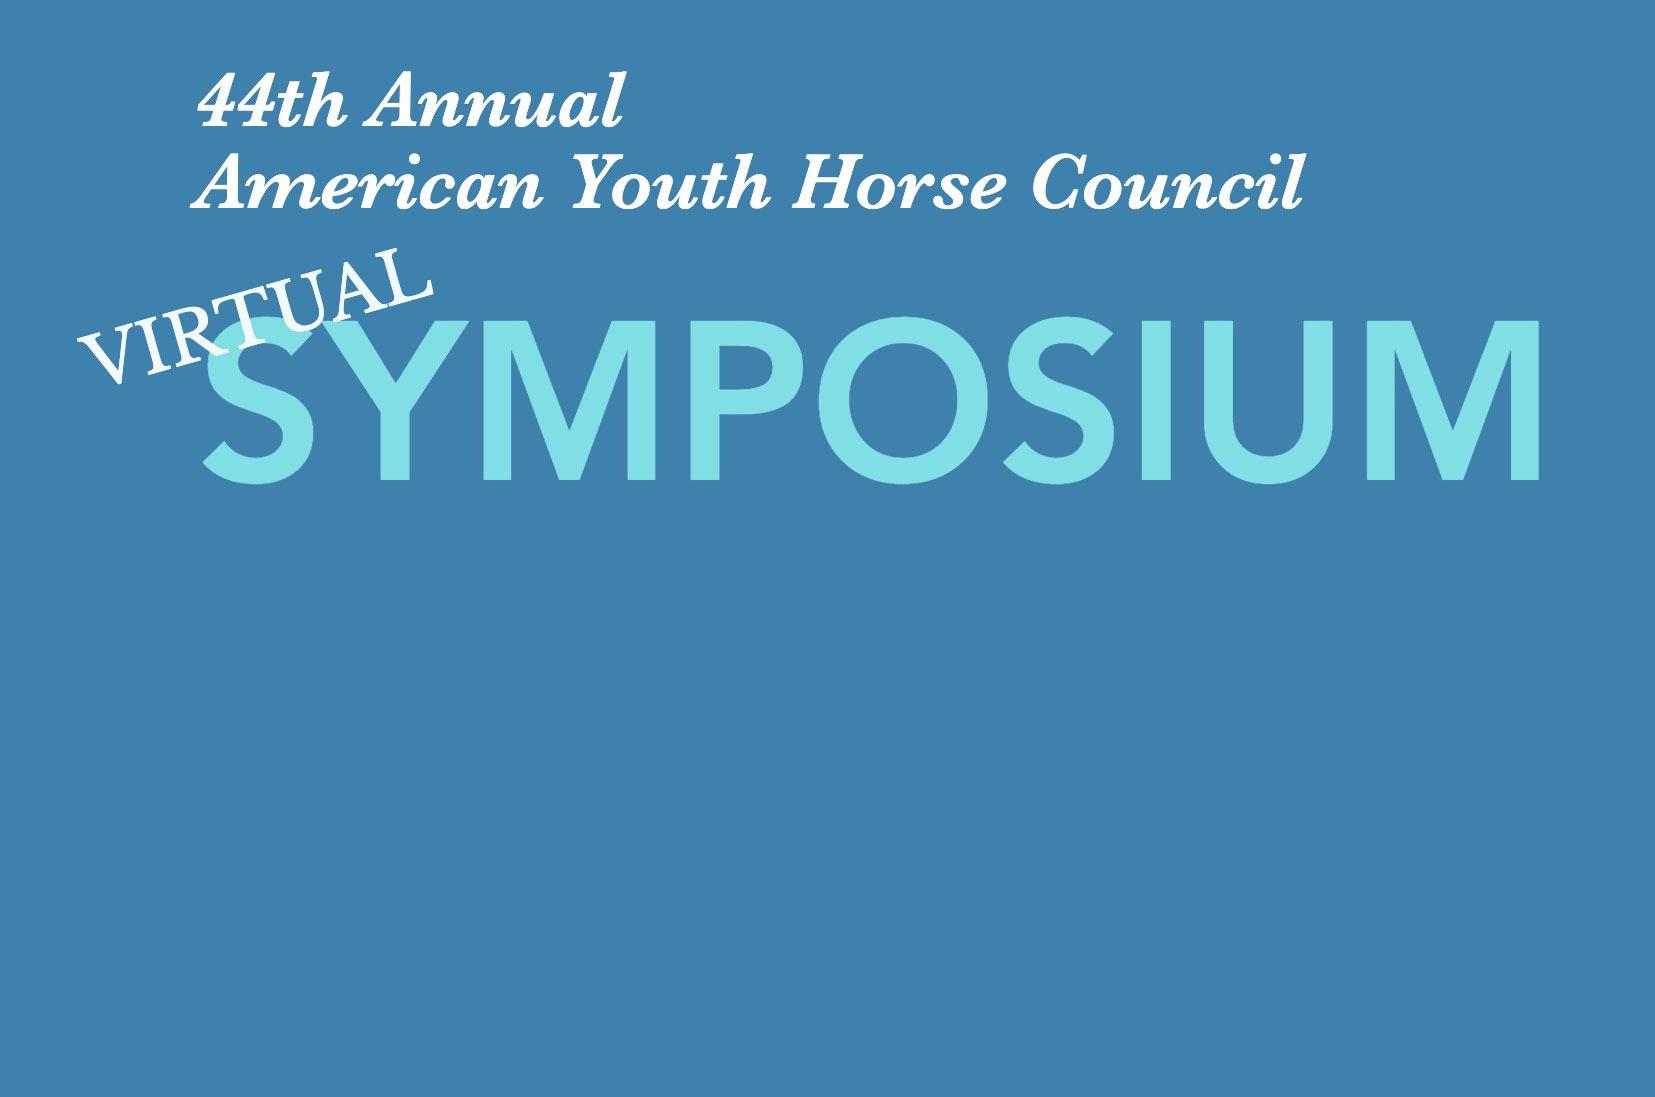 ayhc symposium image thumb